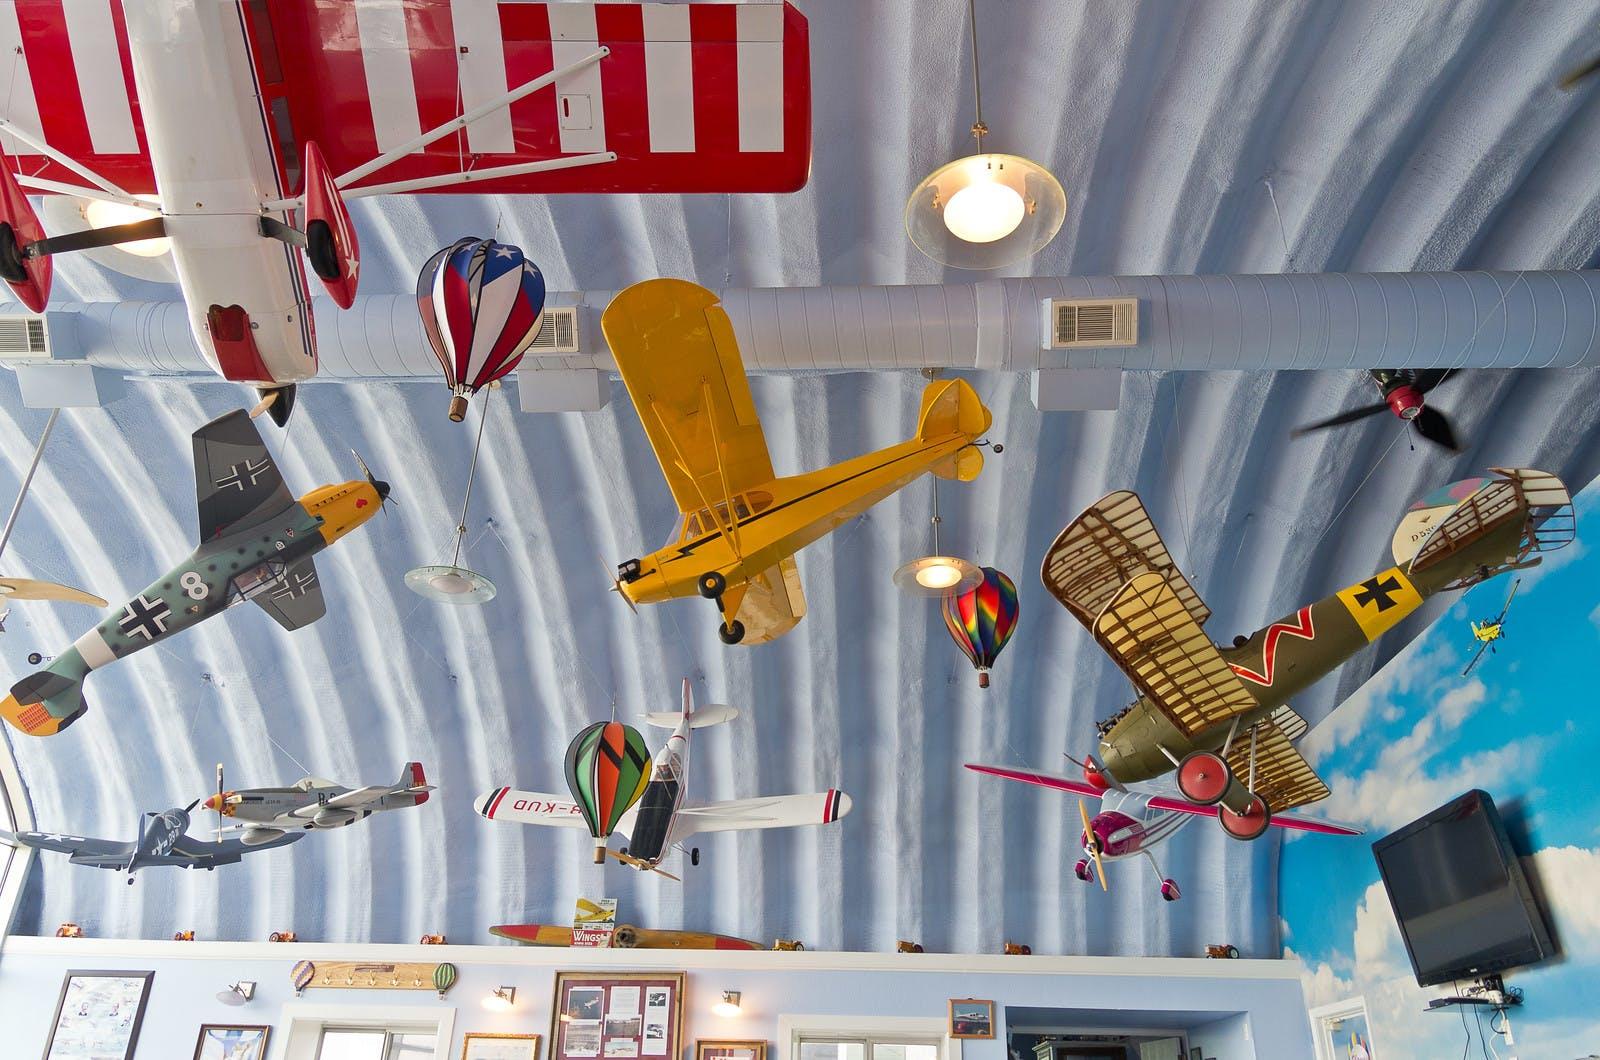 Miller's Hangar Kafe